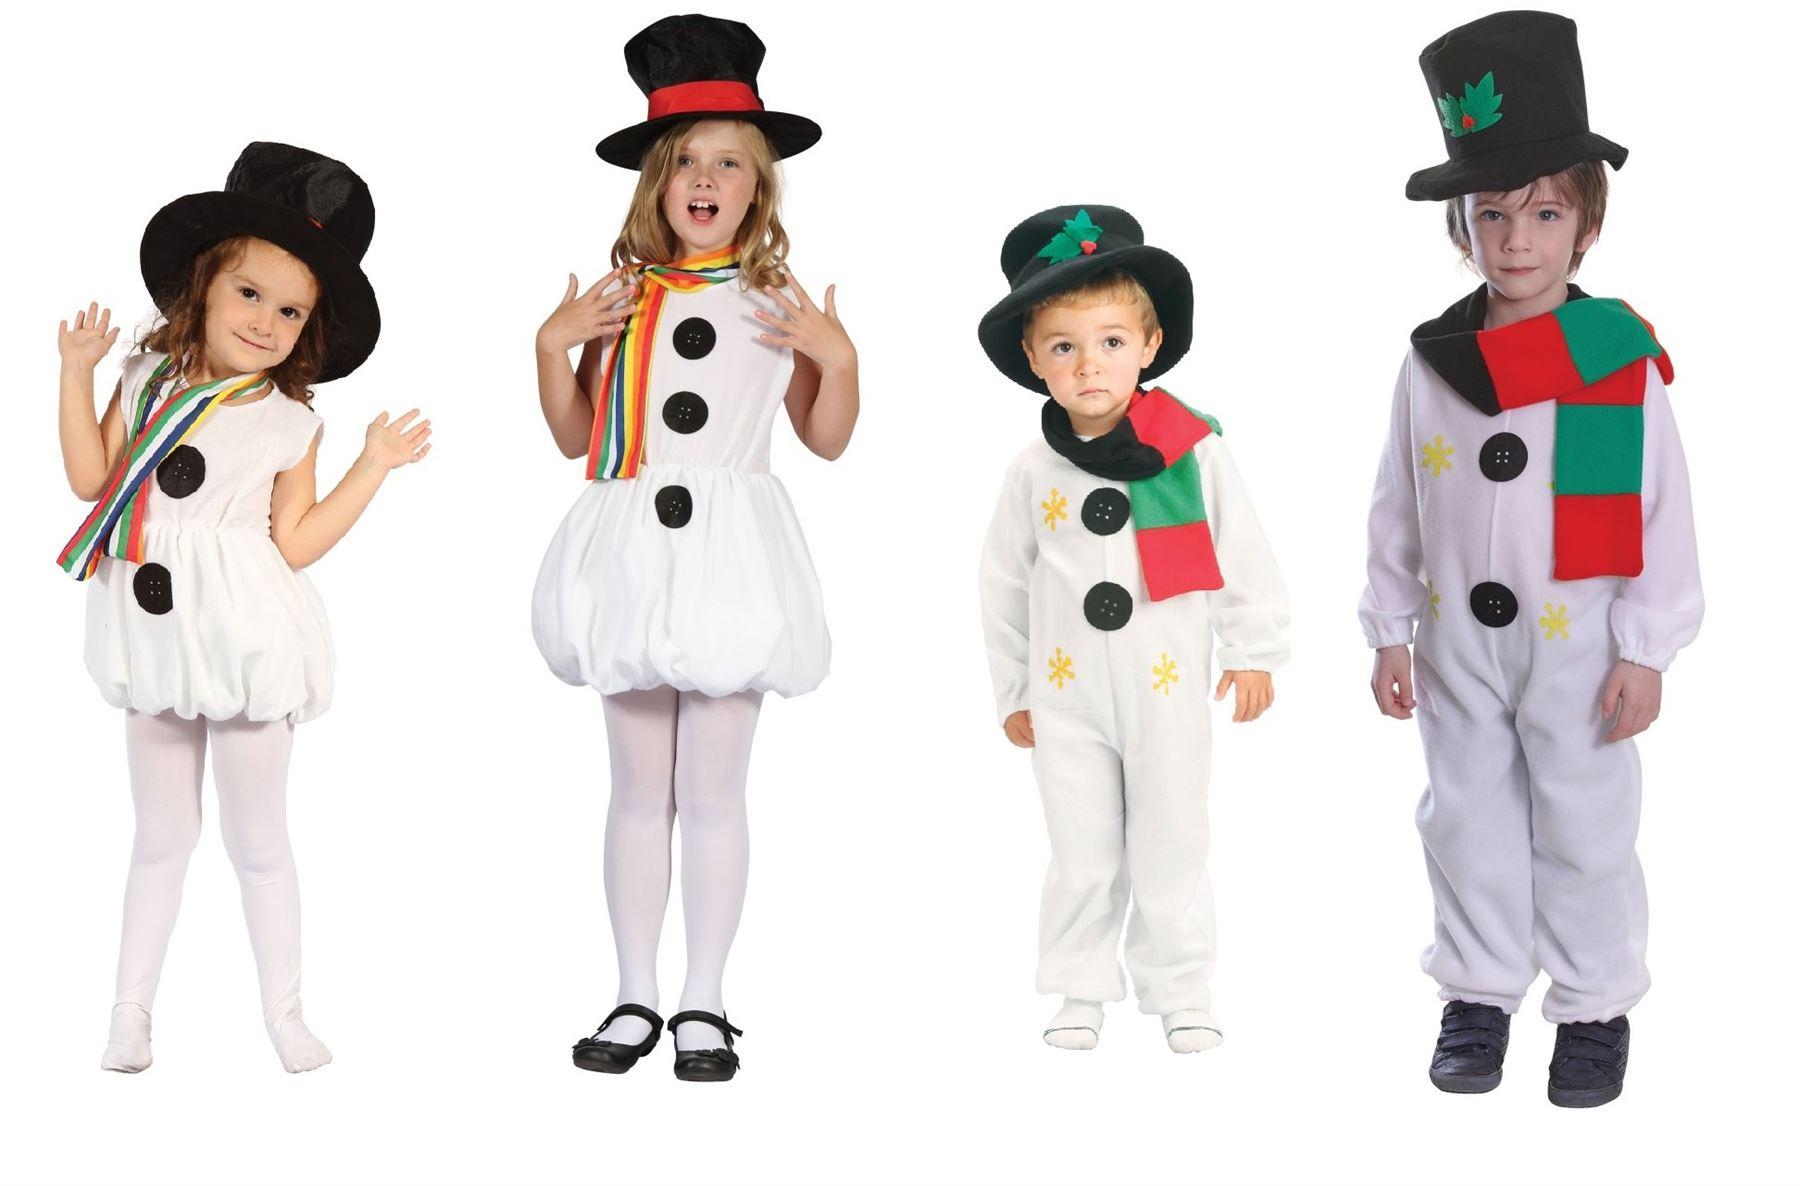 kinder snowgirl schneemann weihnachten outfit kost m. Black Bedroom Furniture Sets. Home Design Ideas